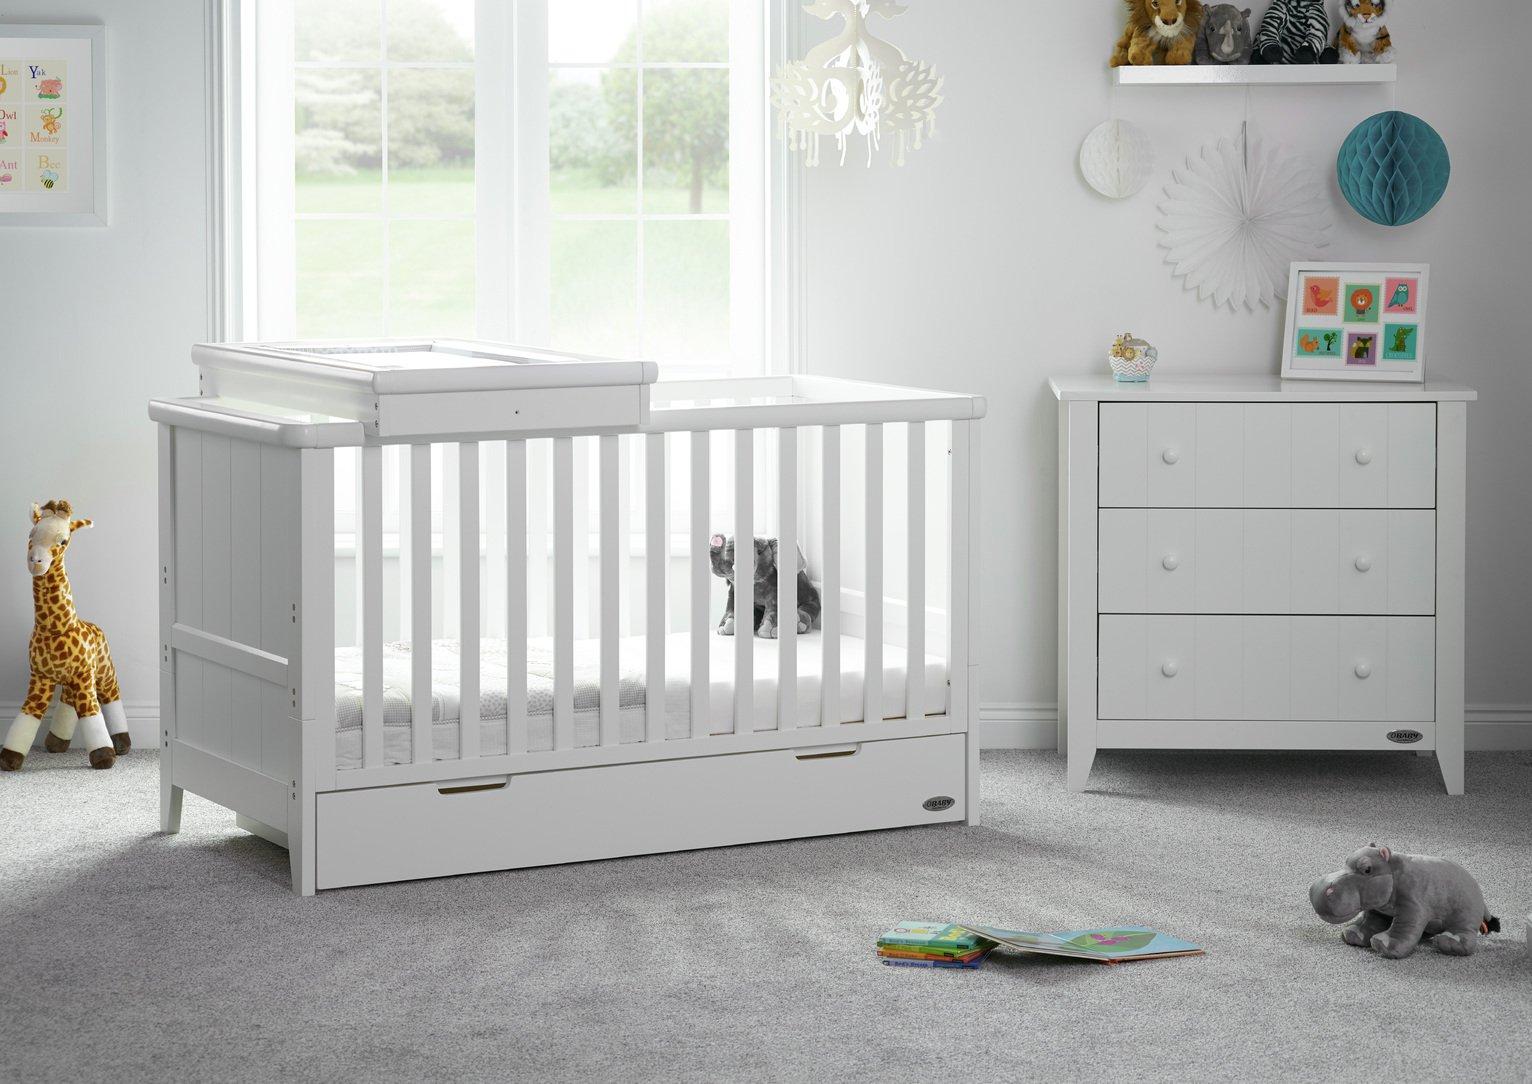 Obaby Belton 2 Piece Room Set - White